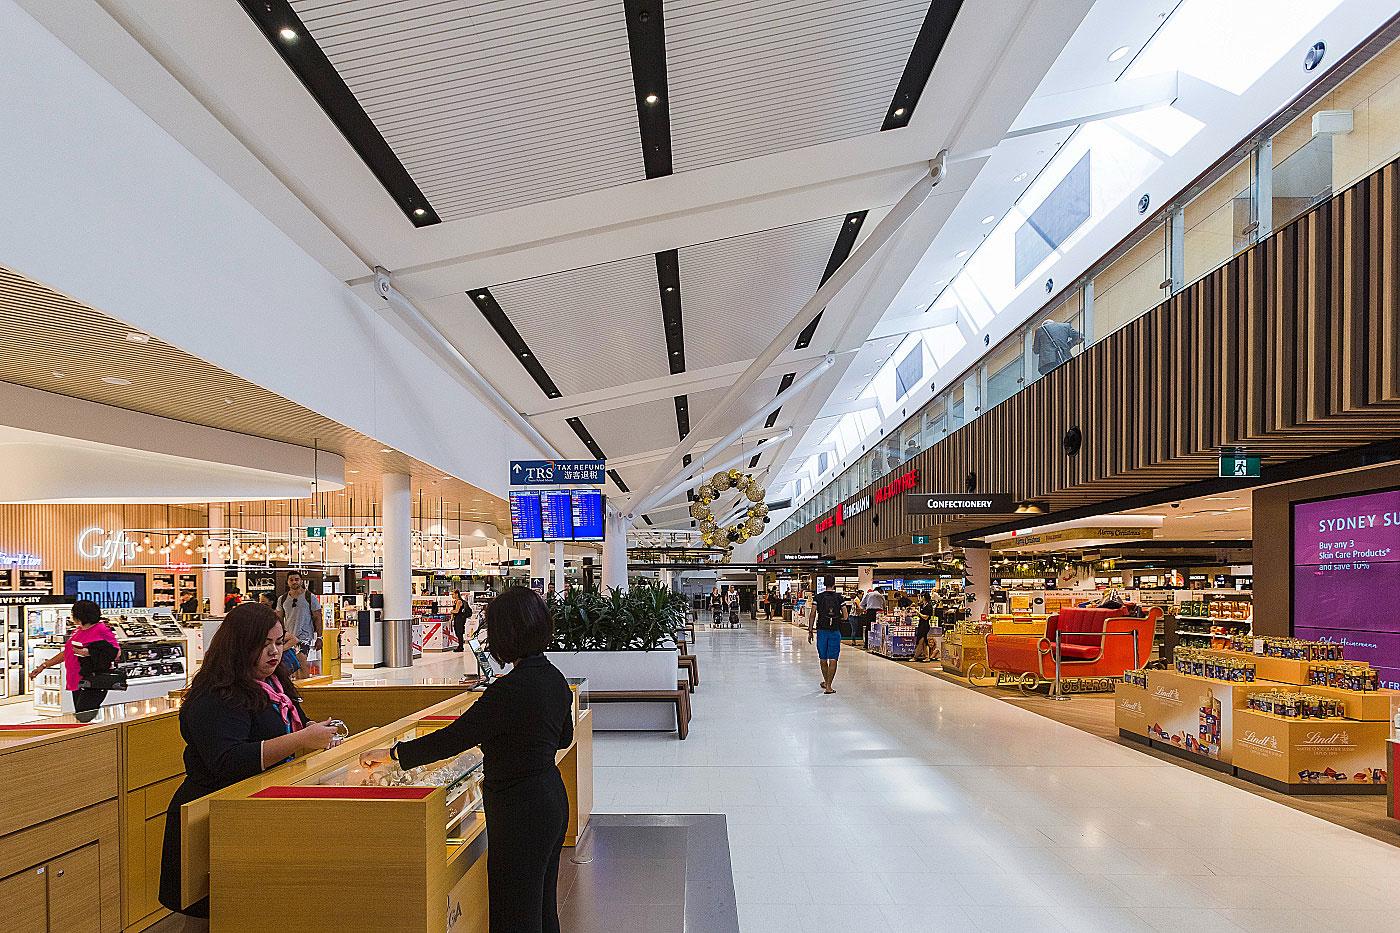 Eur 6320 rec skim rec sydney airport app 03